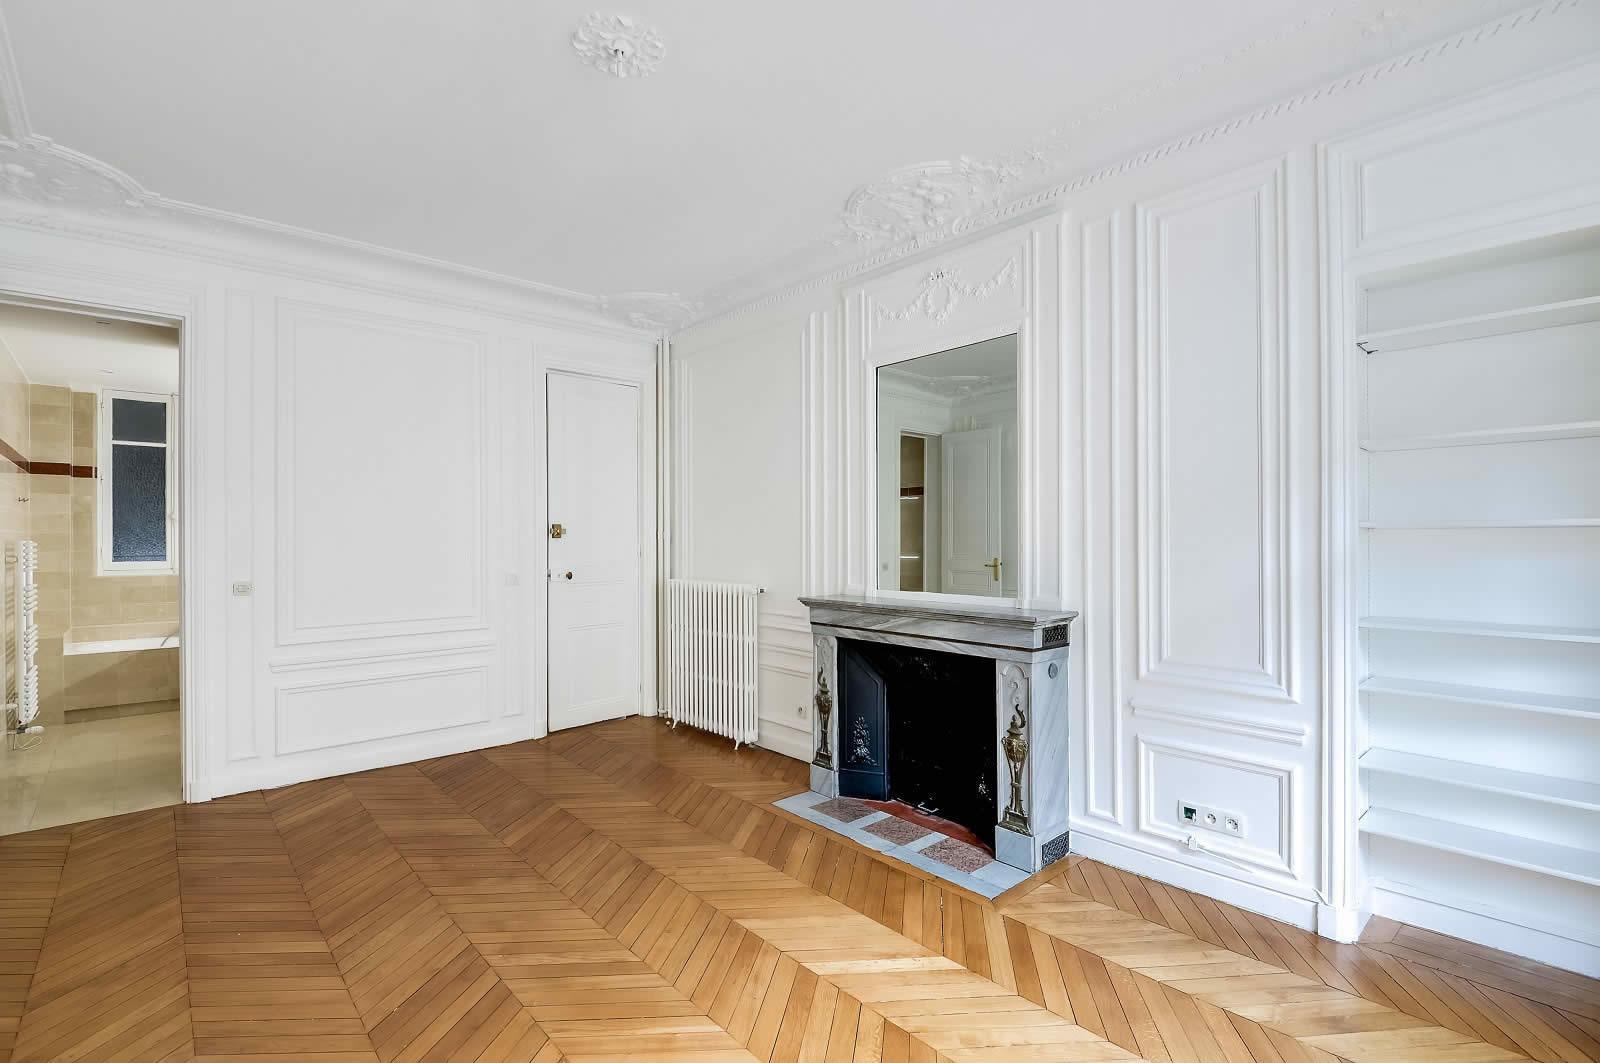 appartement familial dans un immeuble haussmannien avec de belles hauteurs sous plafond et. Black Bedroom Furniture Sets. Home Design Ideas